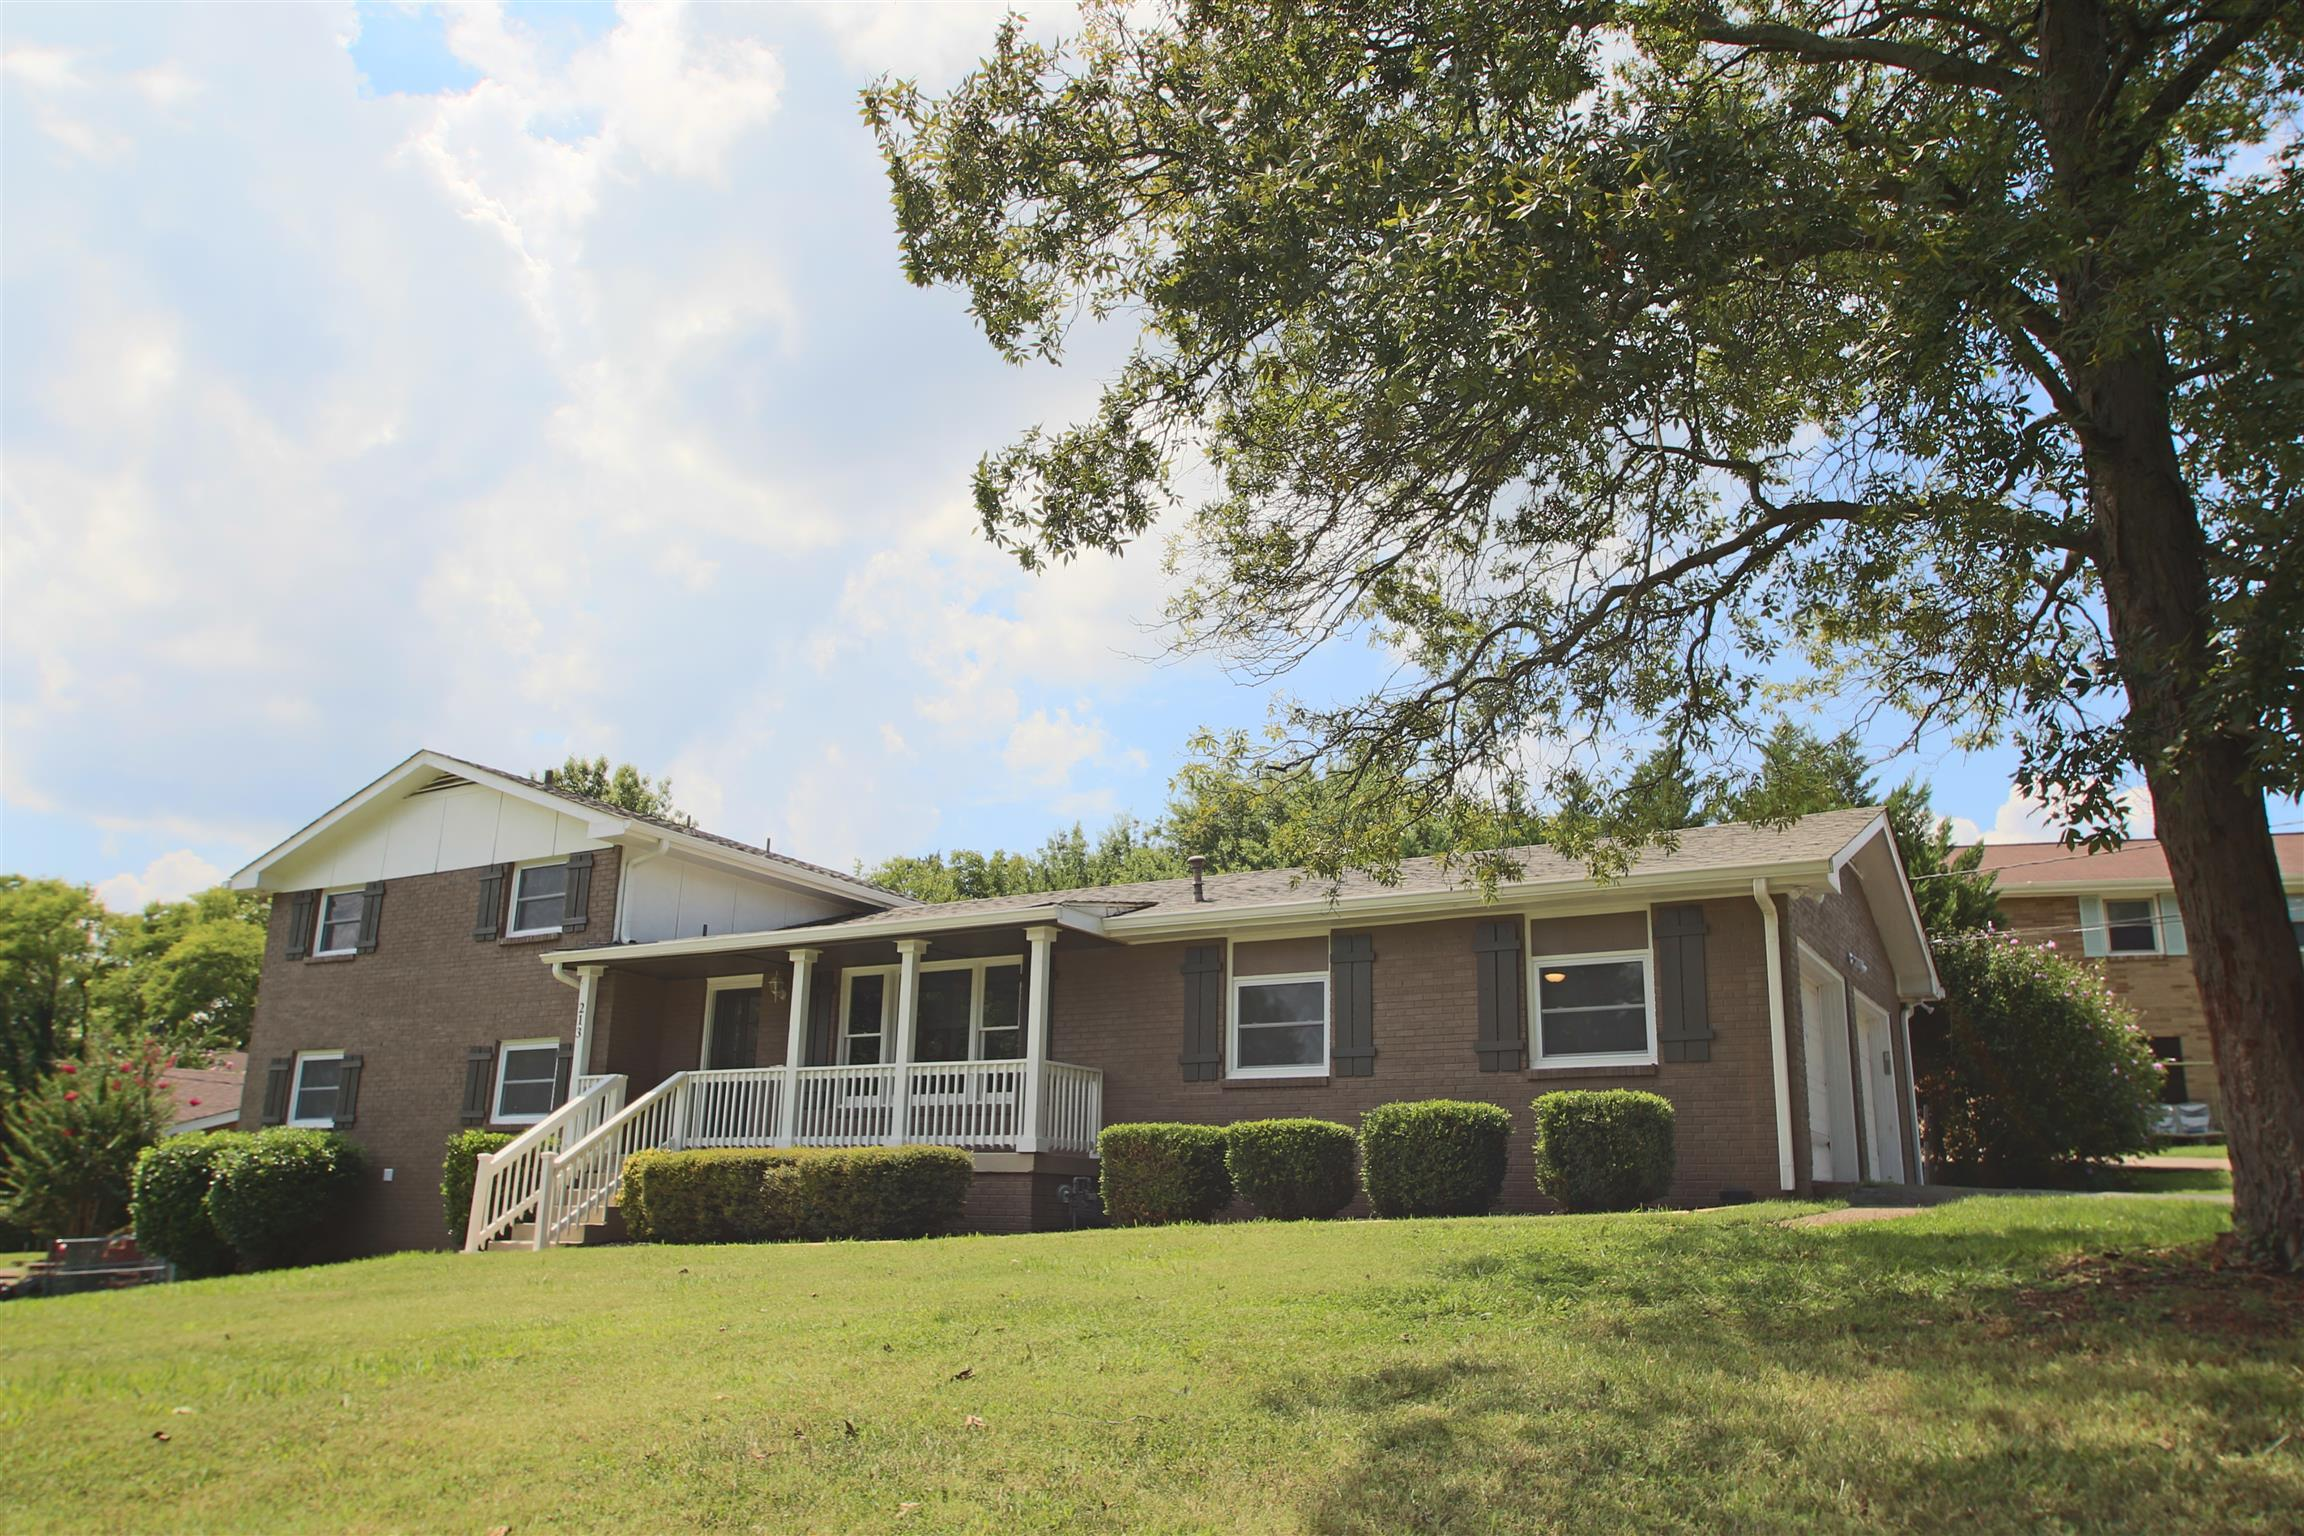 213 Whorley Dr, Nashville, TN 37217 - Nashville, TN real estate listing